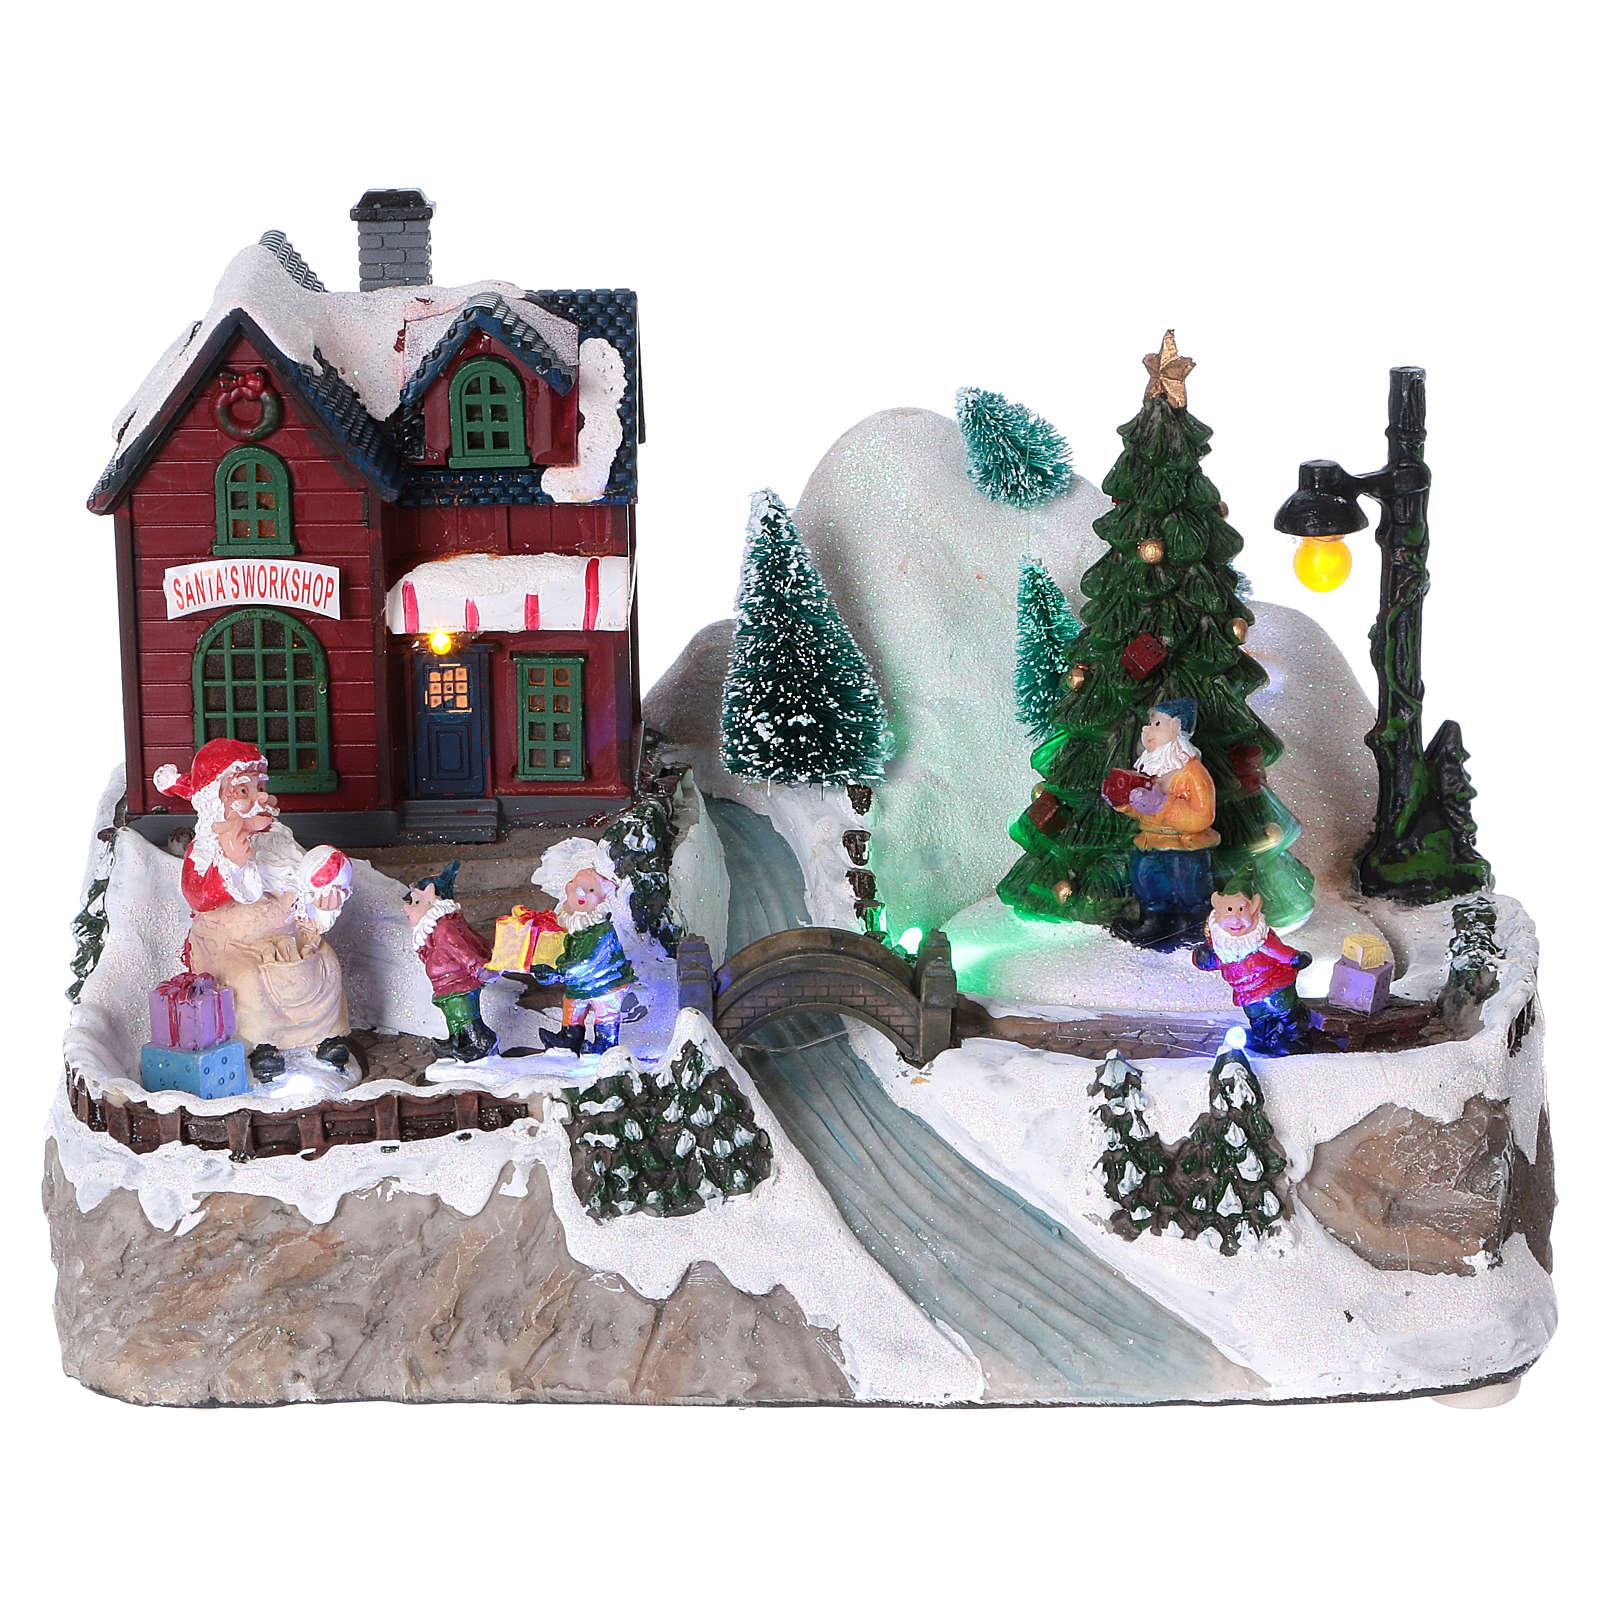 Villaggio Natalizio illuminato albero in movimento Babbo Natale elfi 20x25x16 cm batteria corrente 3